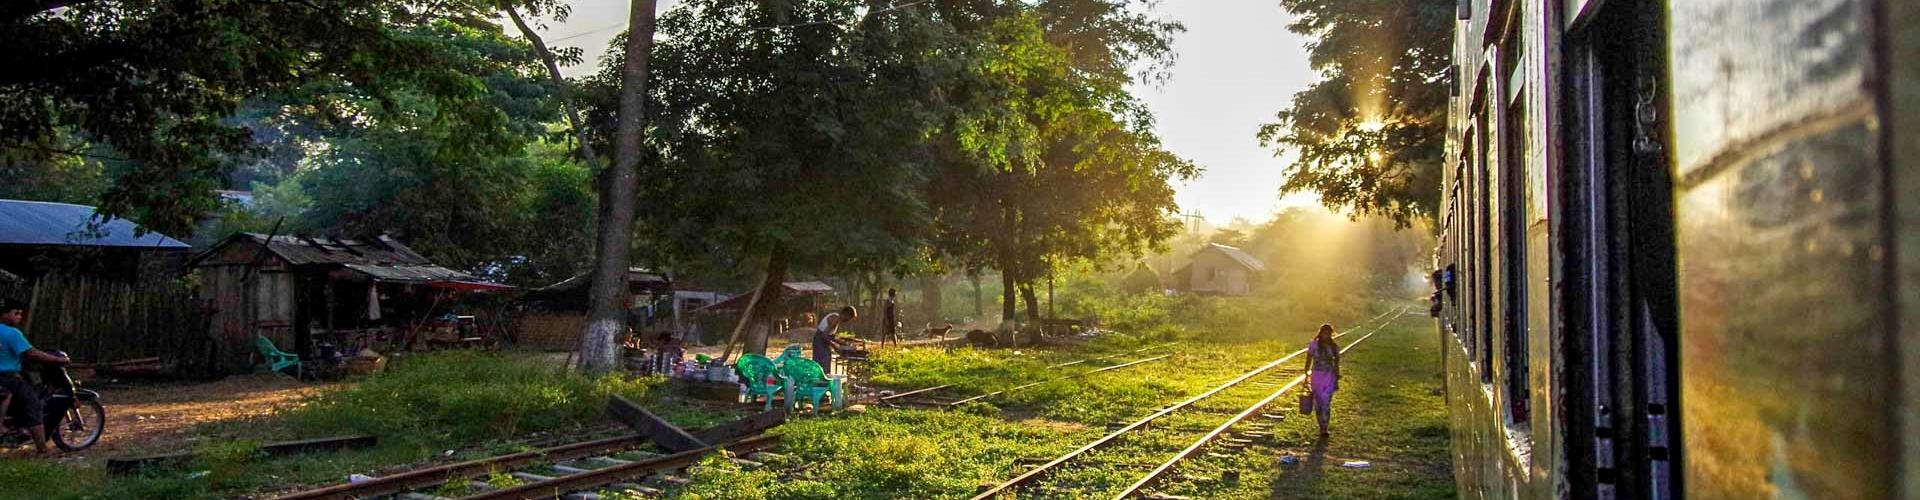 Myanmar'da Tren Yolculuğu